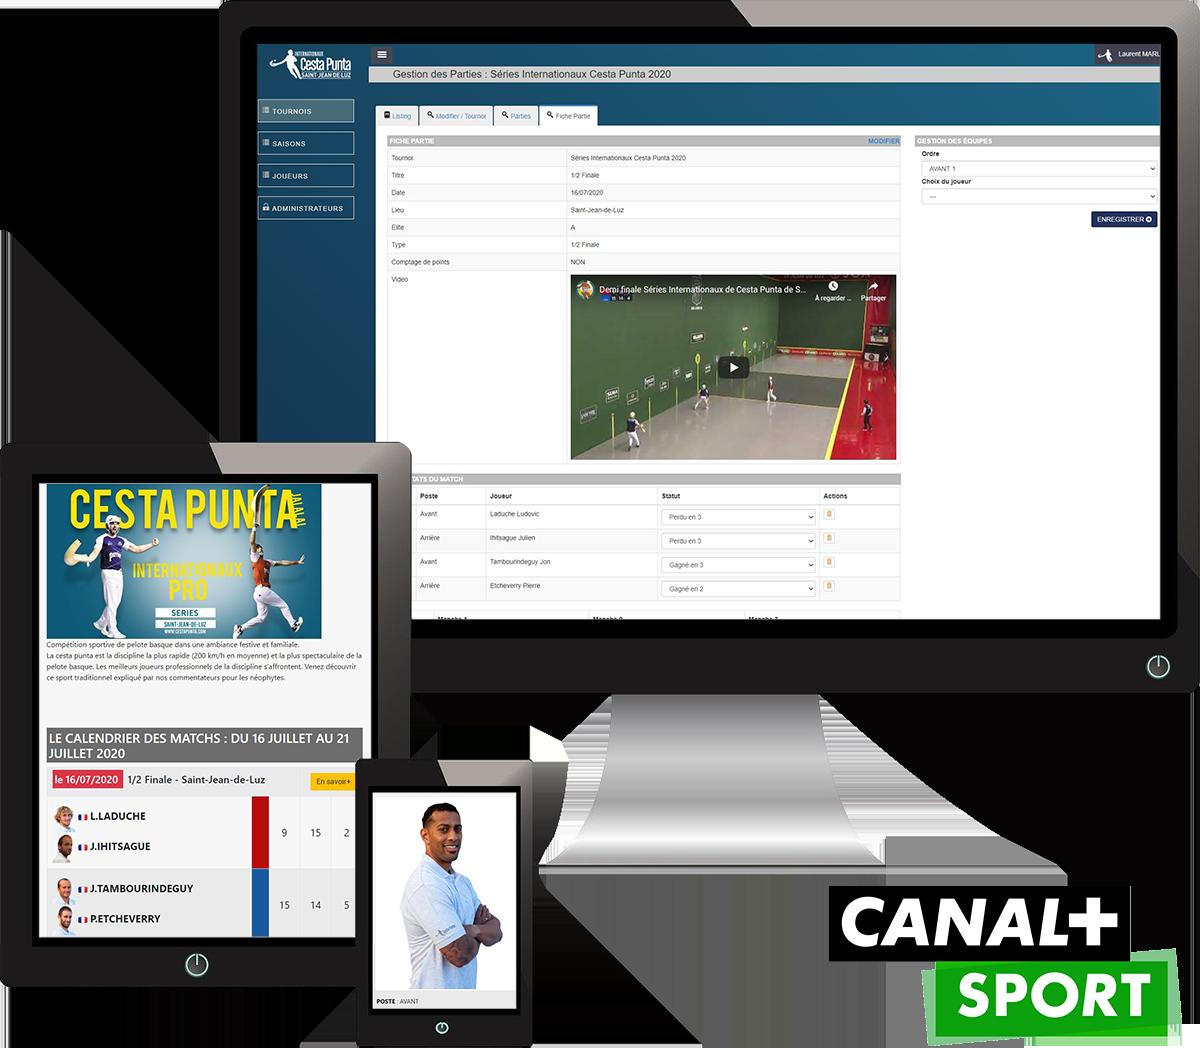 Logiciel de gestion des compétitions - Cestapunta Pro Tour